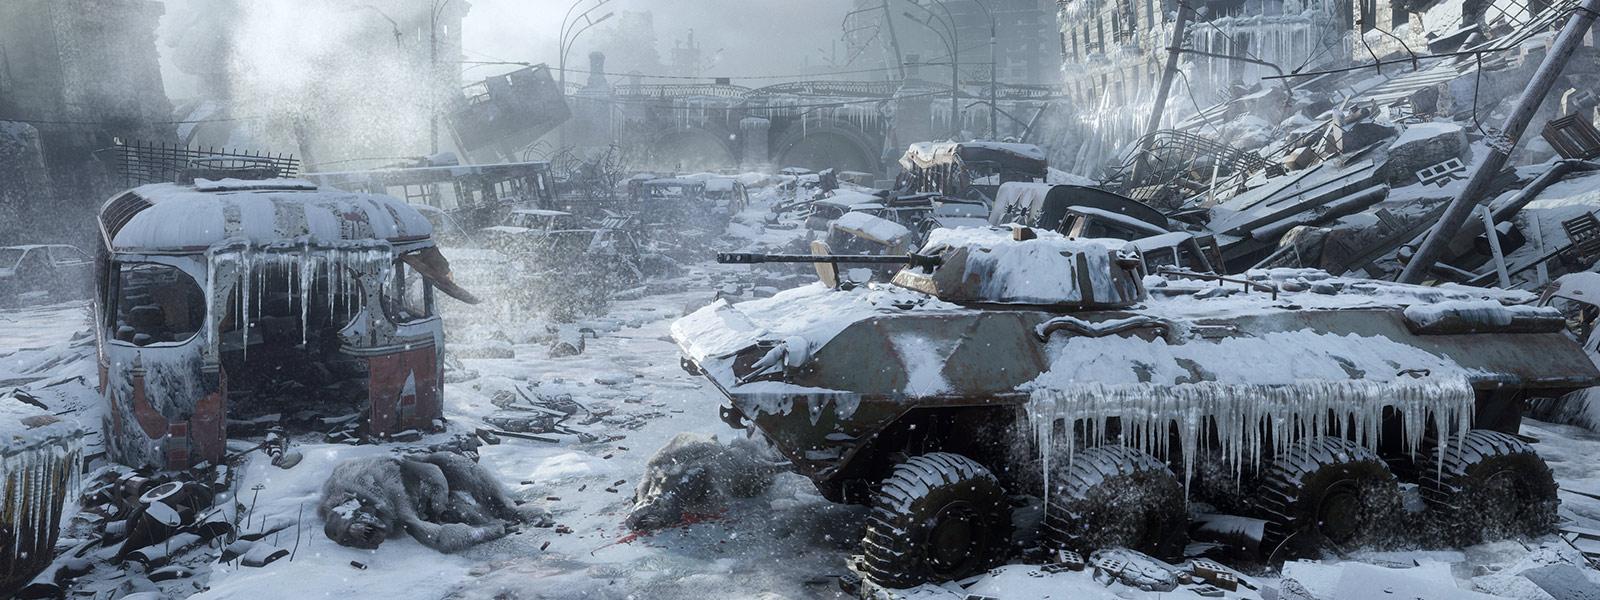 Megfagyott tank egy kihalt városban